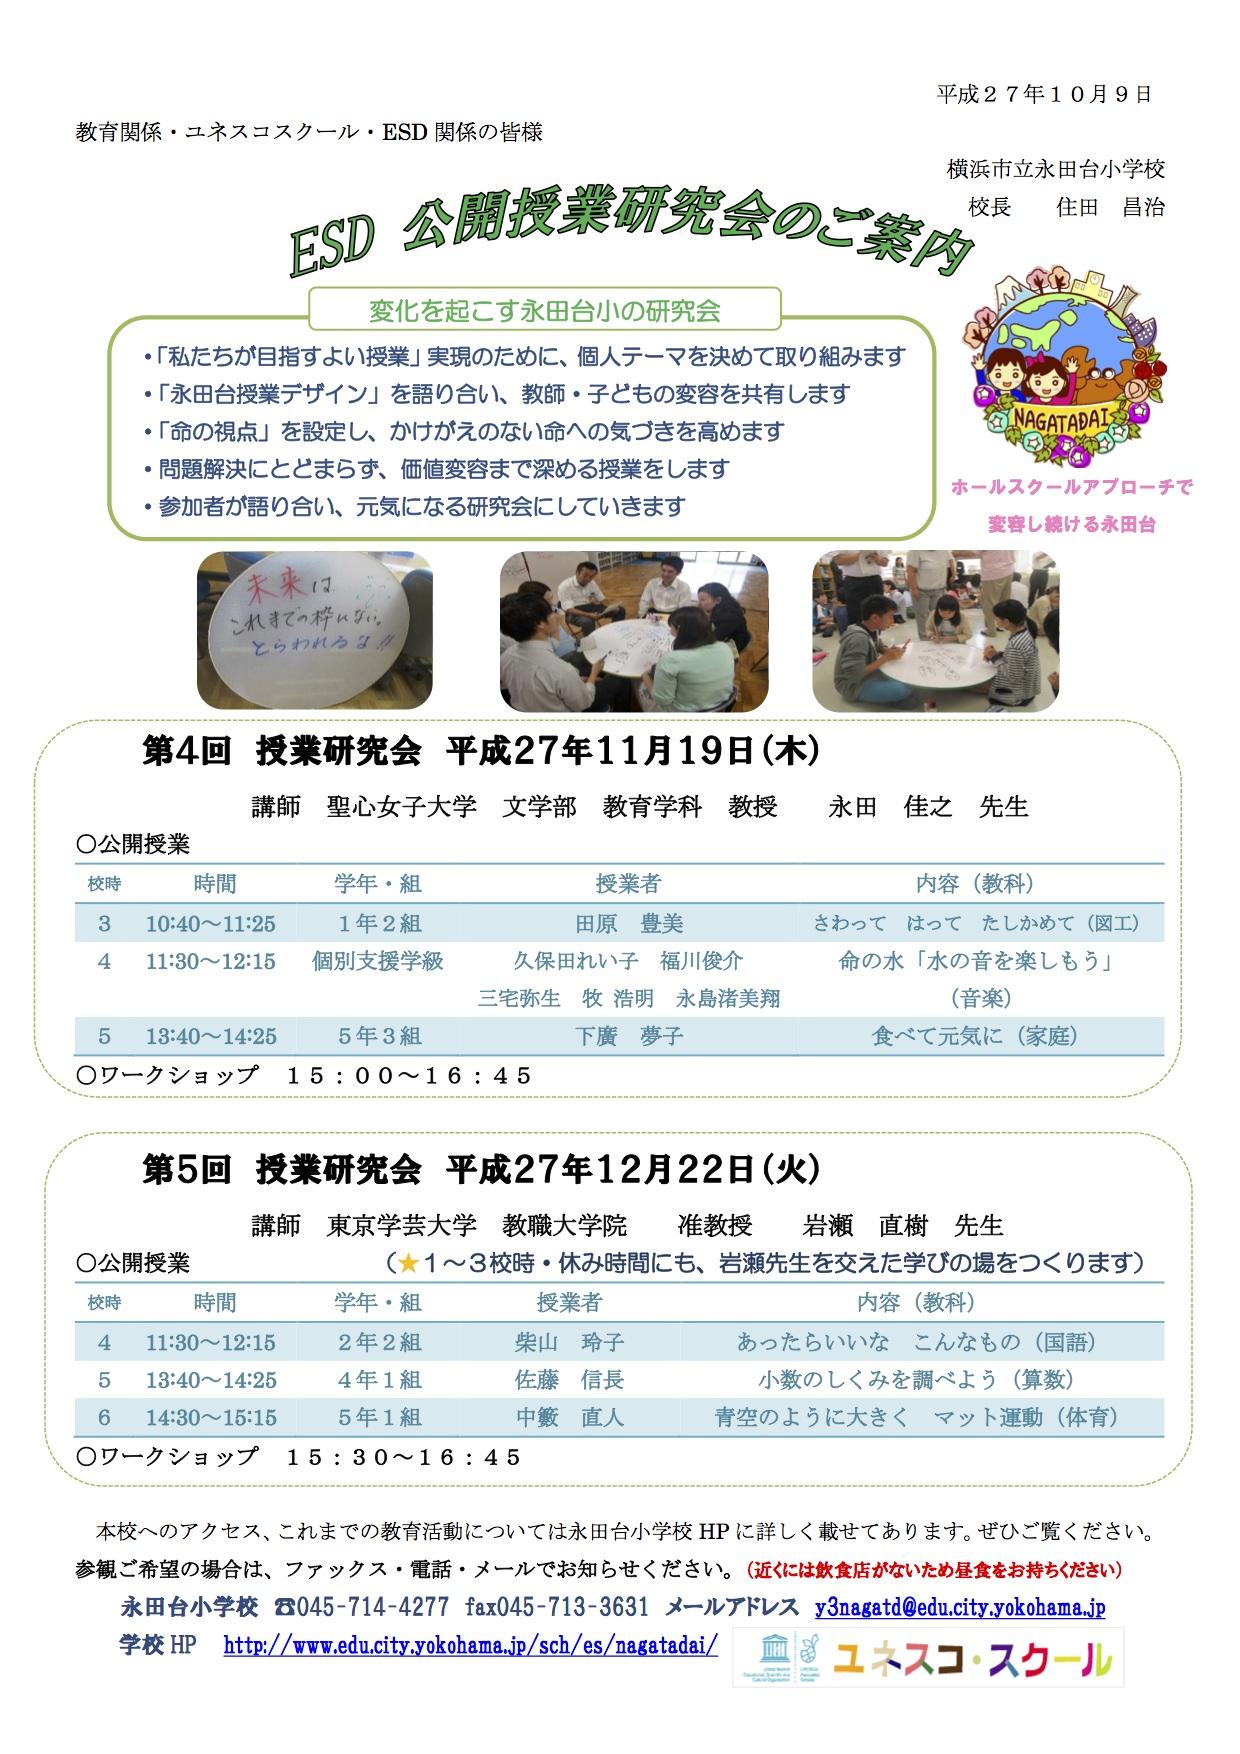 永田台小公開授業研究会2015年11月